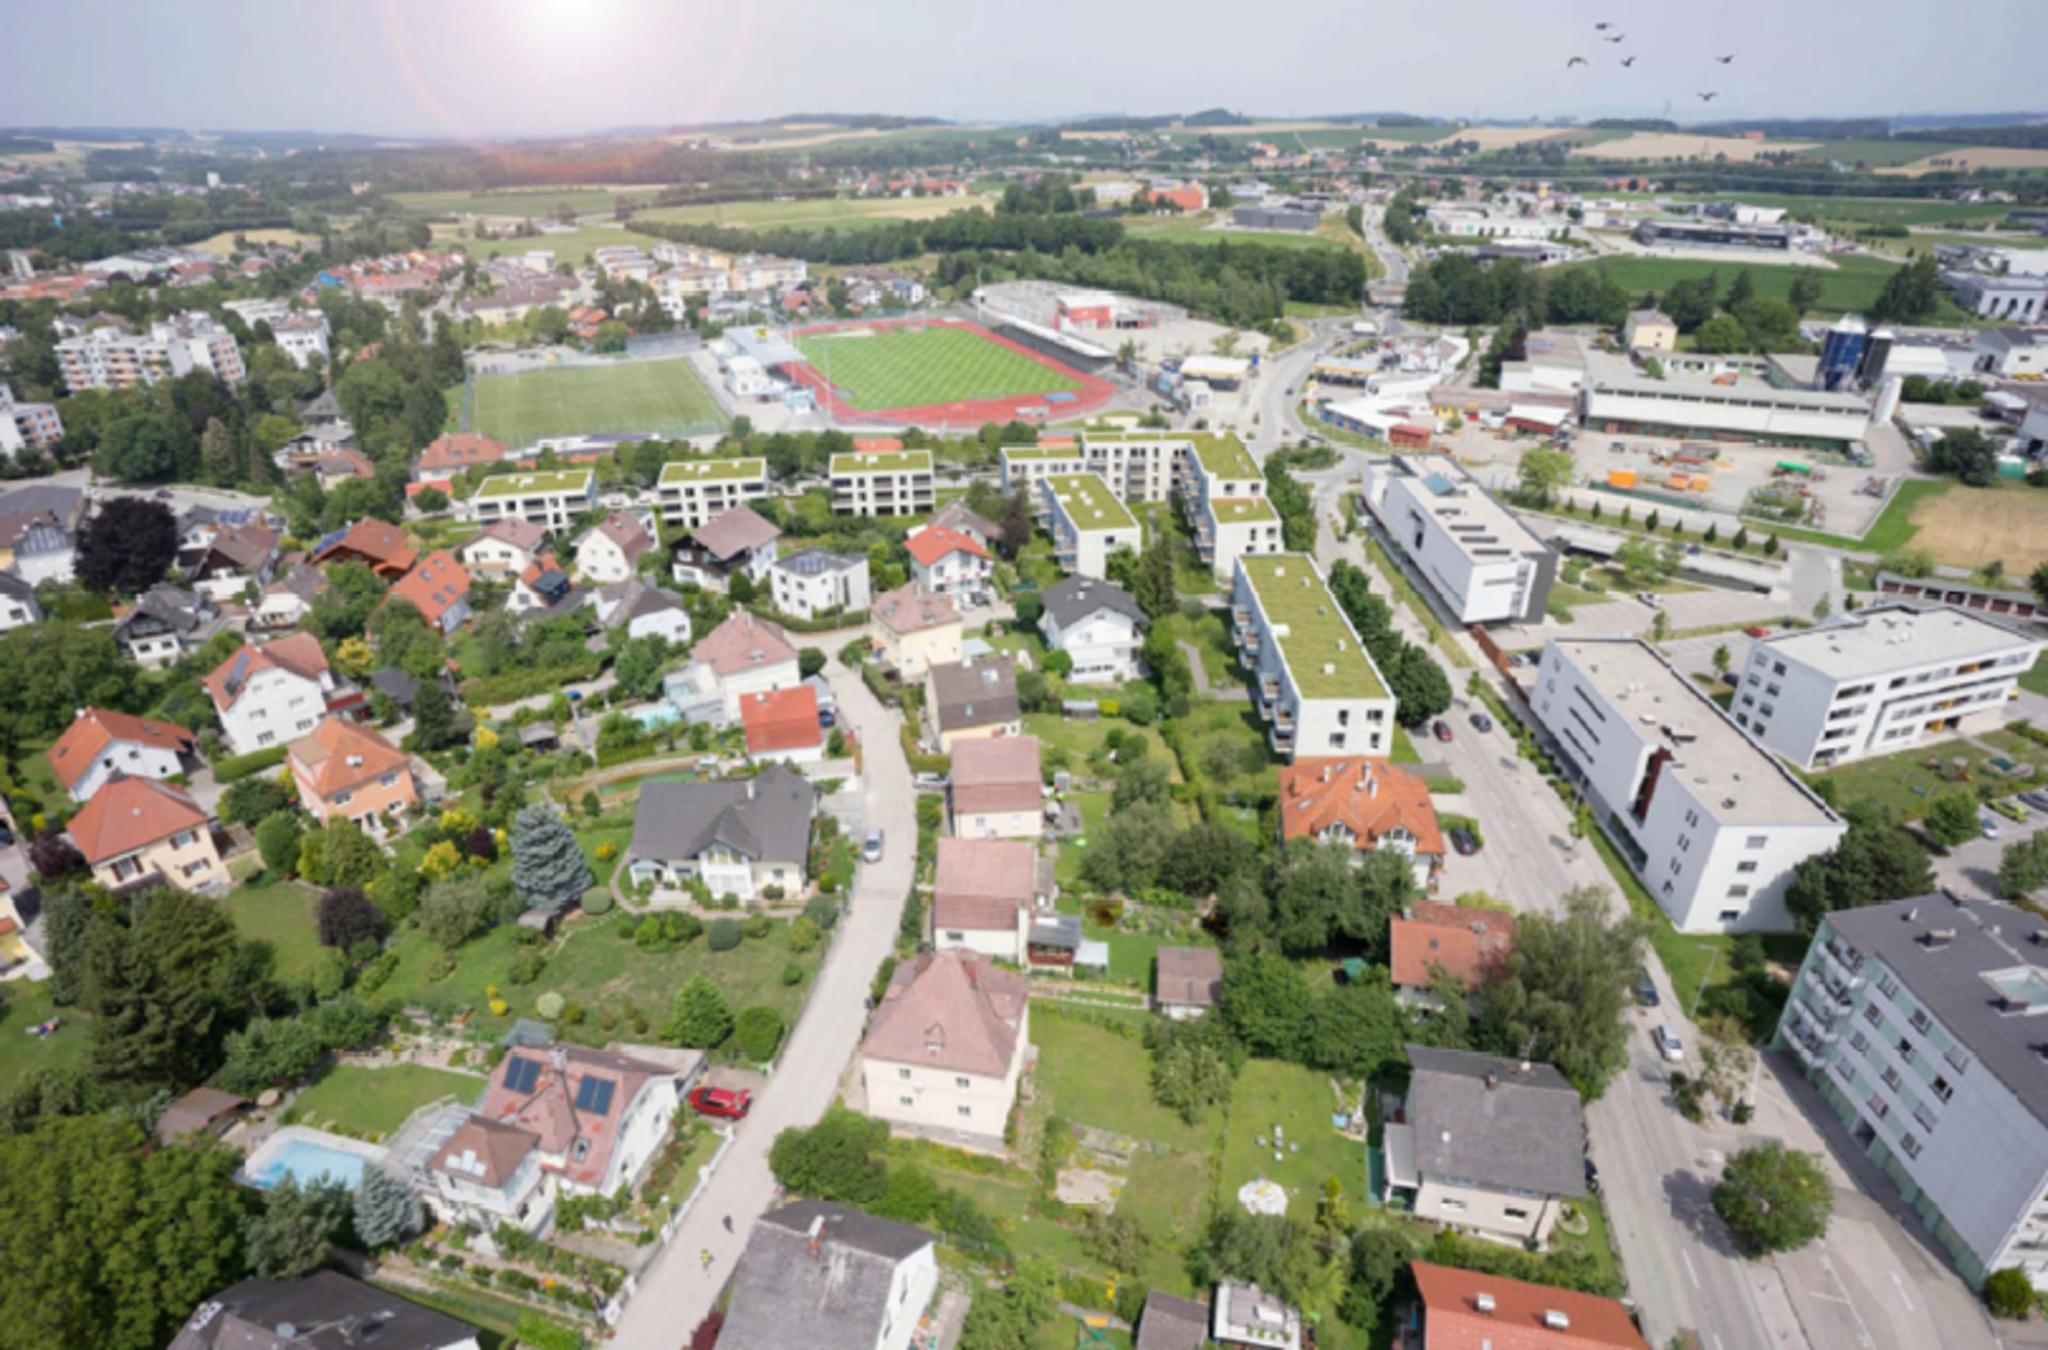 Neue Heimat Wohnanlage Am Voglweg Und An Der Riedauer Strasse Soll Erneuert Werden Ried